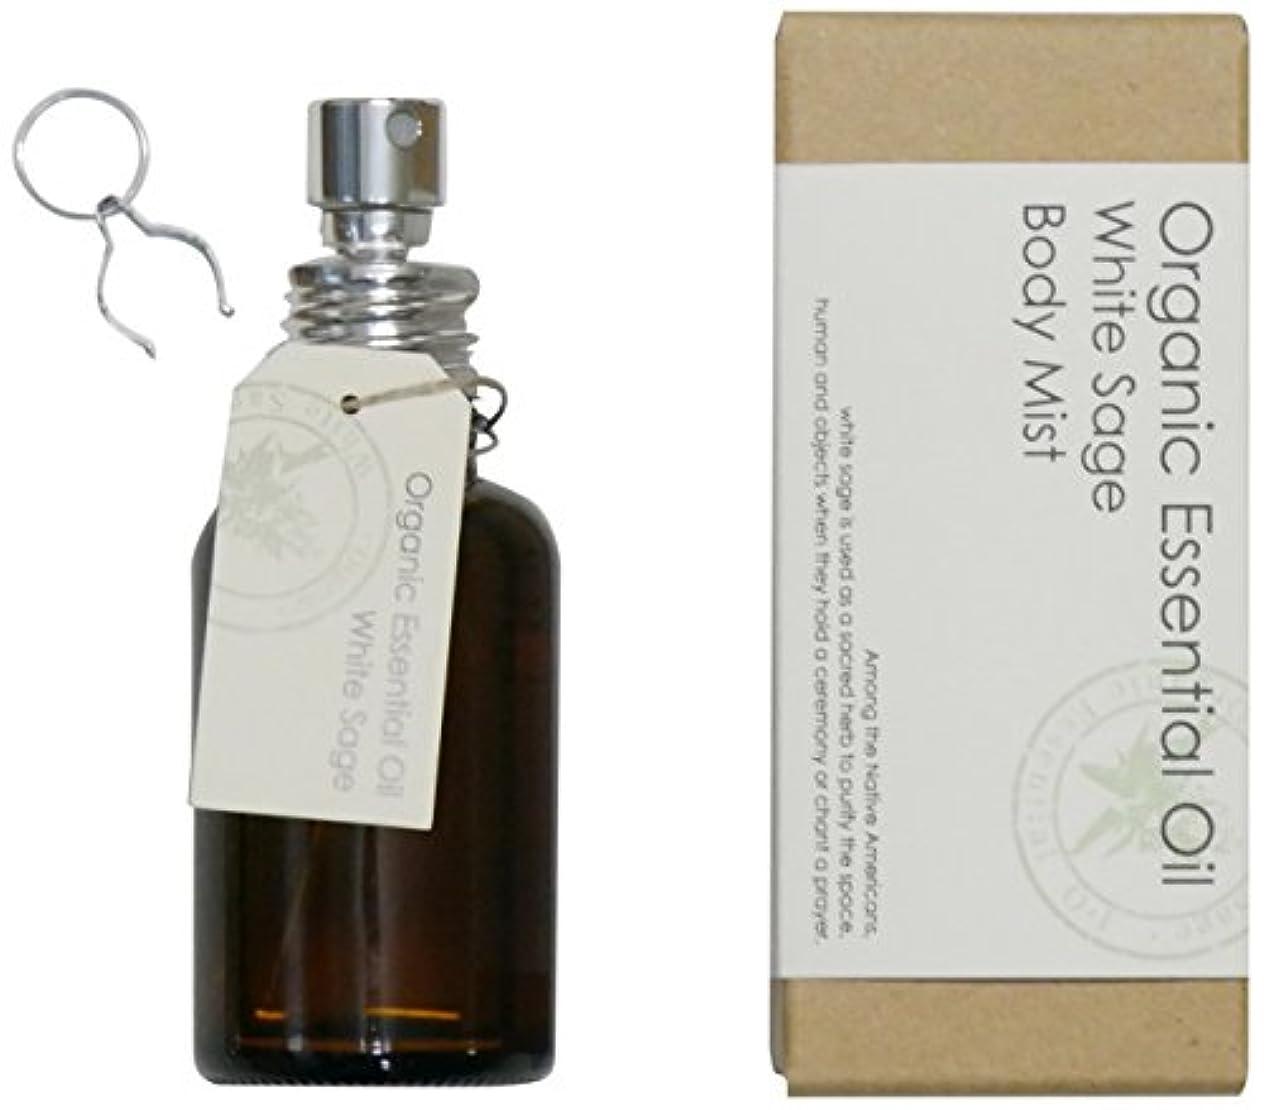 積極的にしなやかなペニーアロマレコルト ボディミスト ホワイトセージ 【White Sage】オーガニック エッセンシャルオイル organic essential oil natural body mist arome recolte